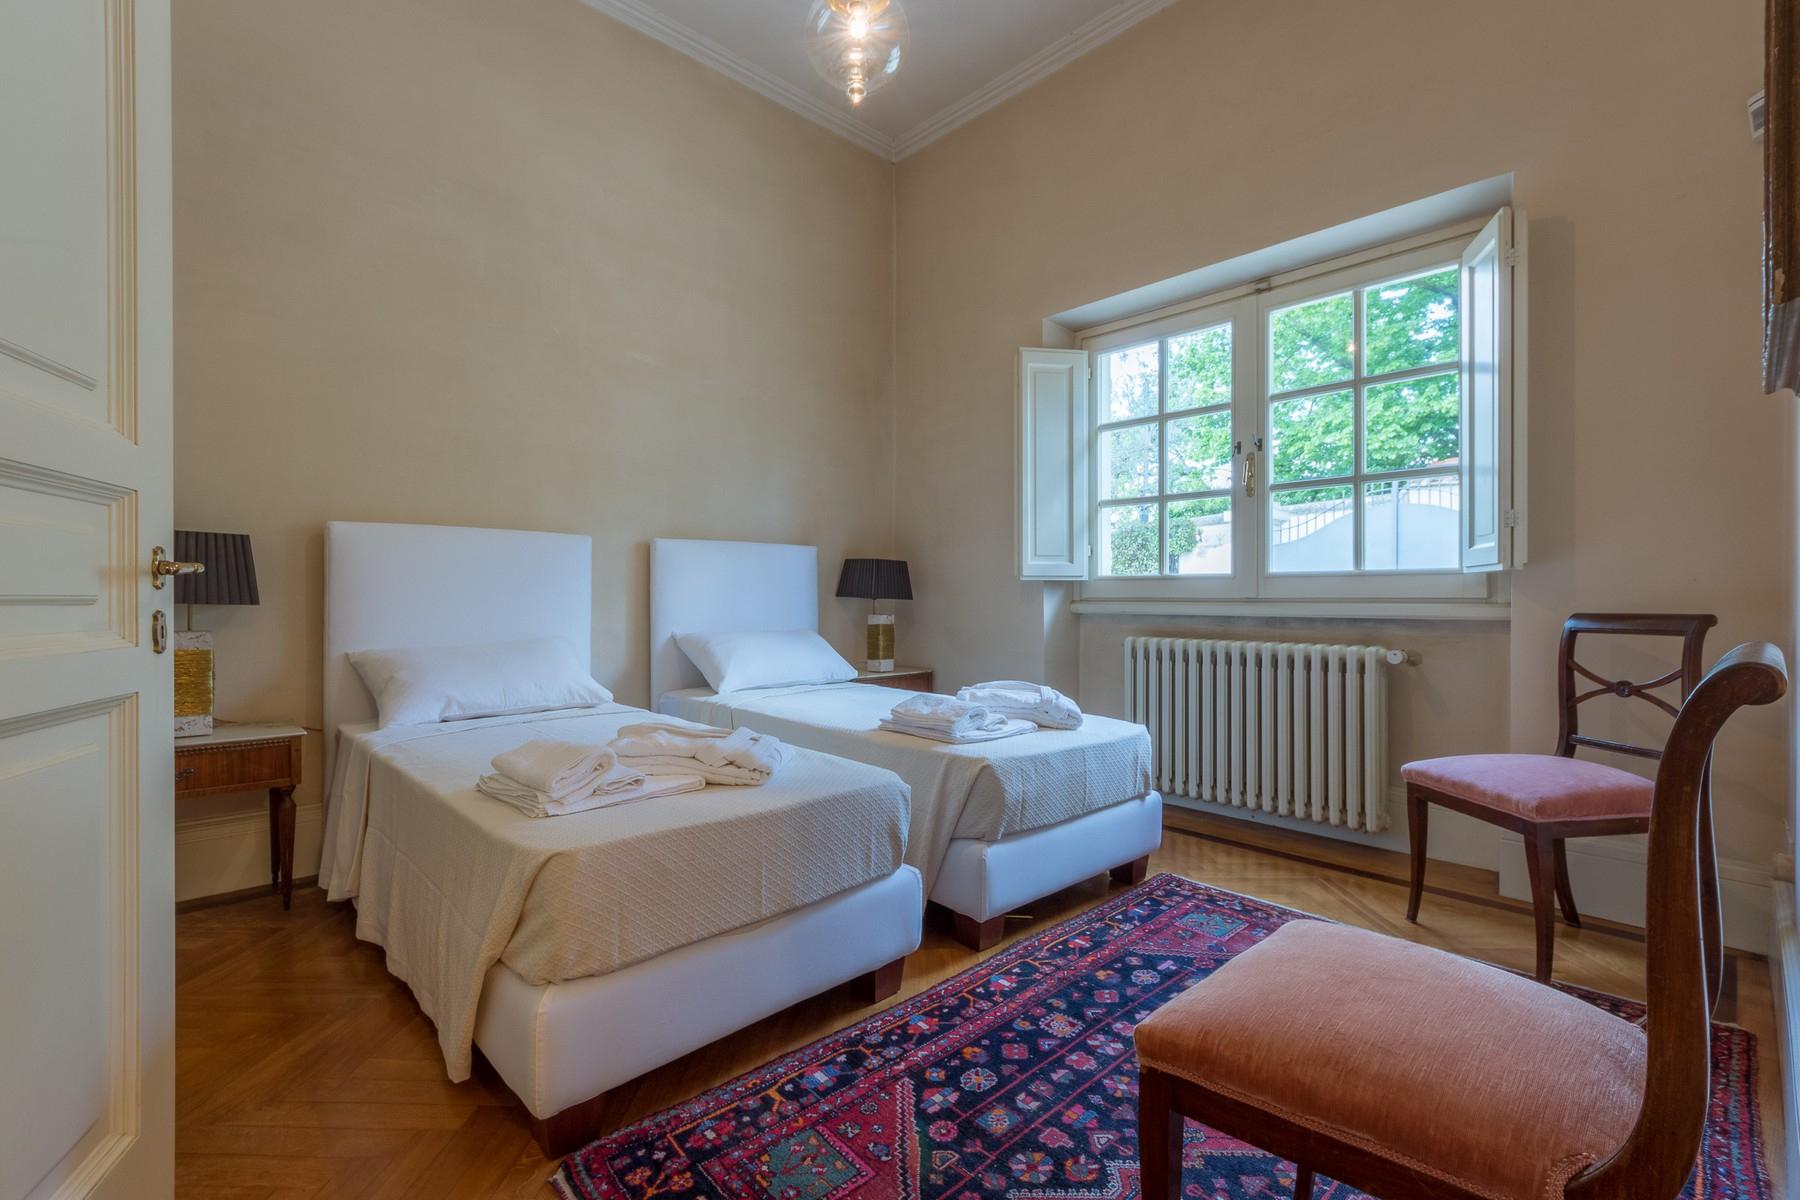 Villa in Vendita a Firenze: 5 locali, 618 mq - Foto 28